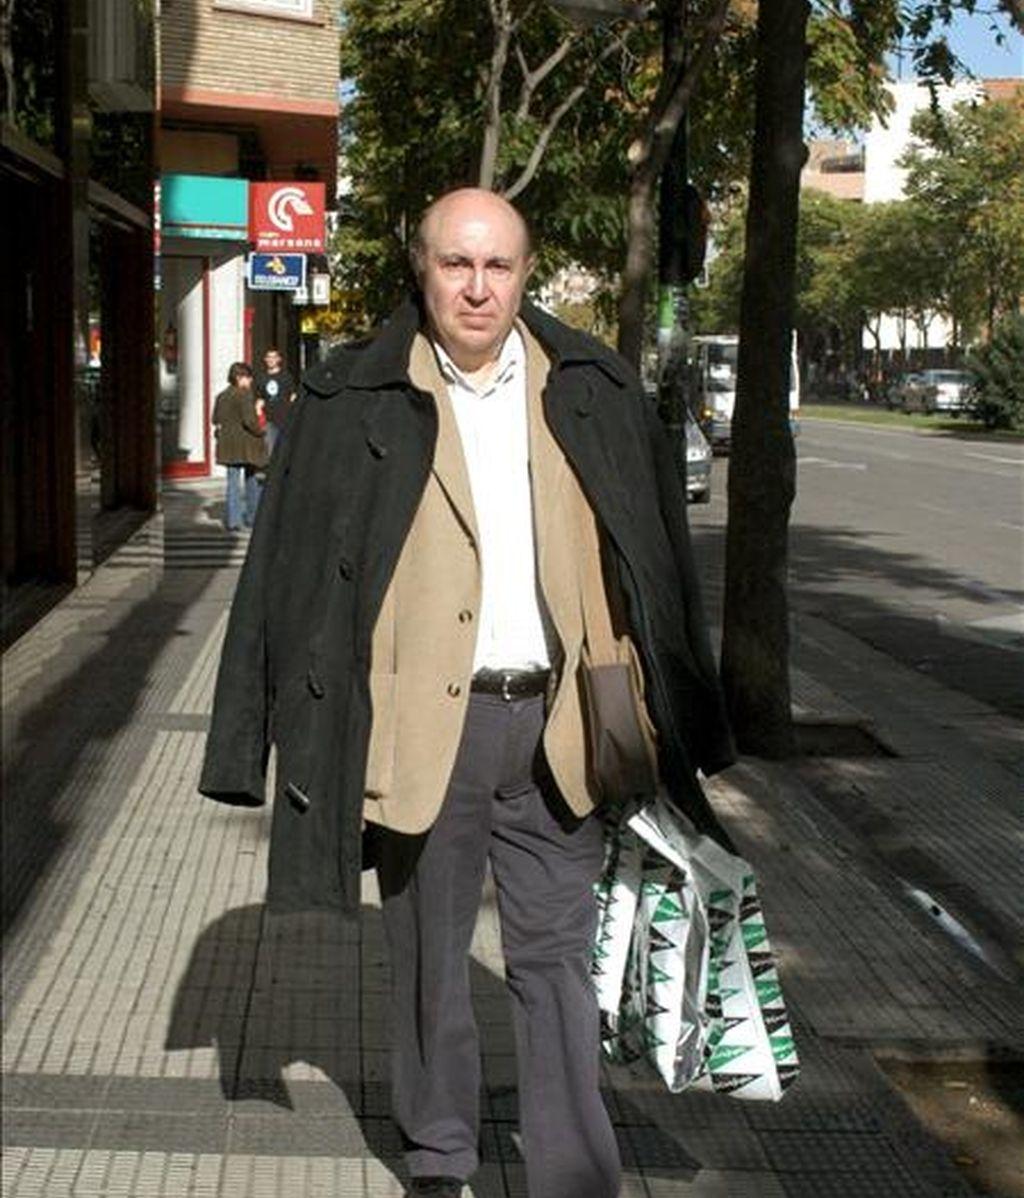 El ex director general de la Guardia Civil, Luis Roldán. EFE/Archivo